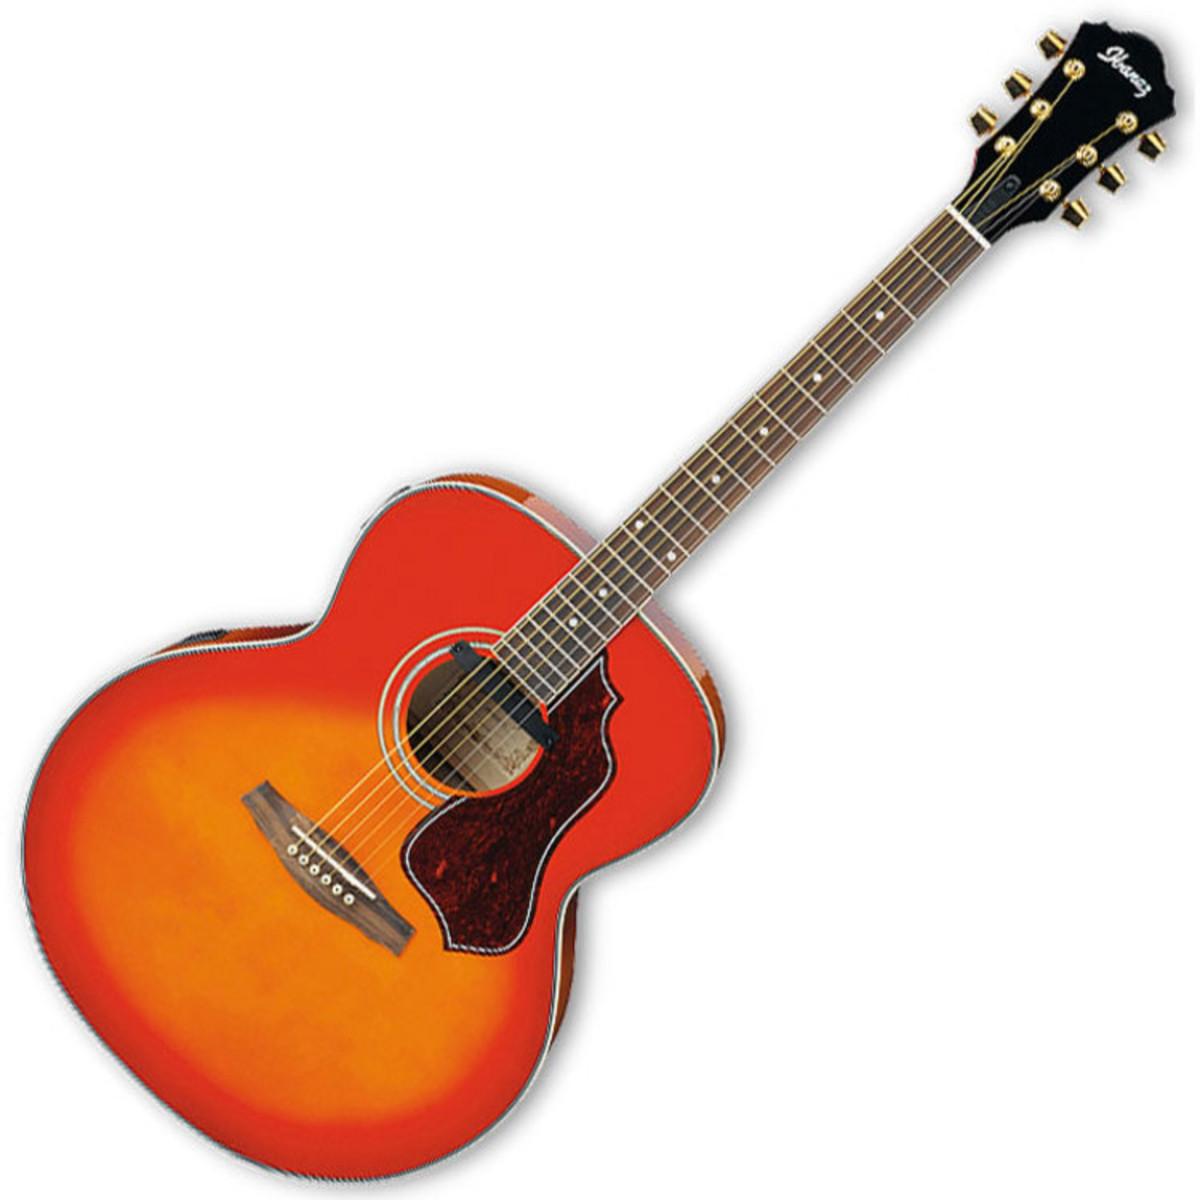 guitare lectro acoustique de disque ibanez sge430 cherry. Black Bedroom Furniture Sets. Home Design Ideas